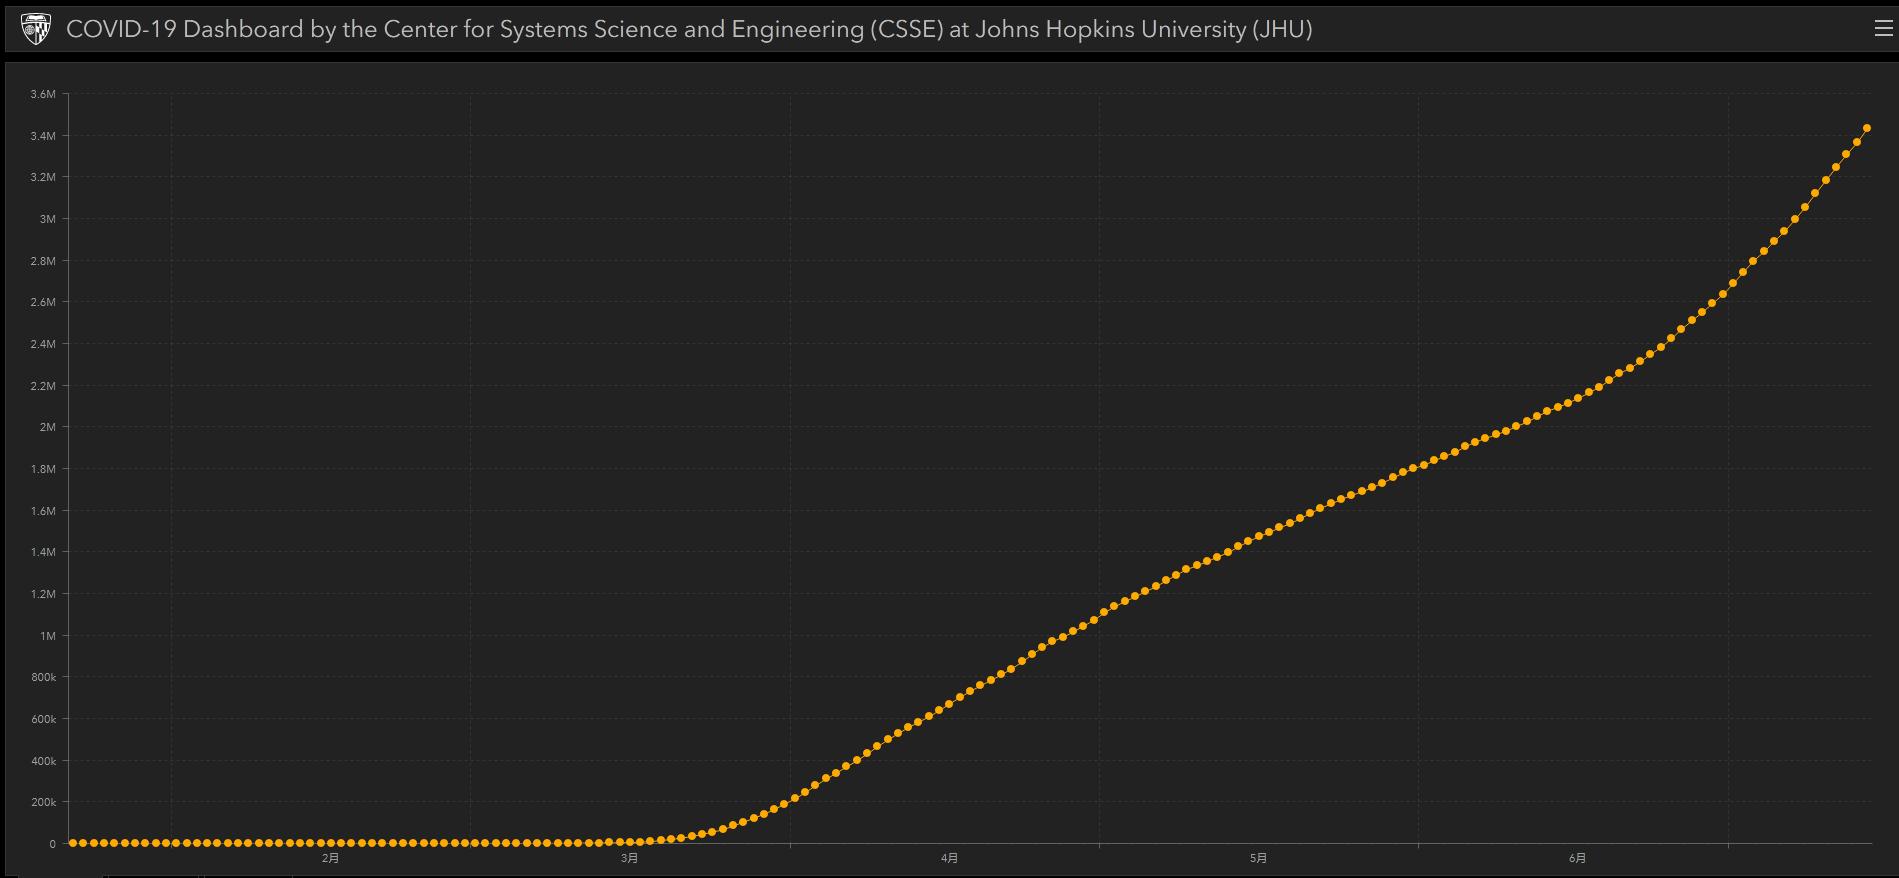 约翰斯·霍普金斯大学美国新冠疫情曲线数据